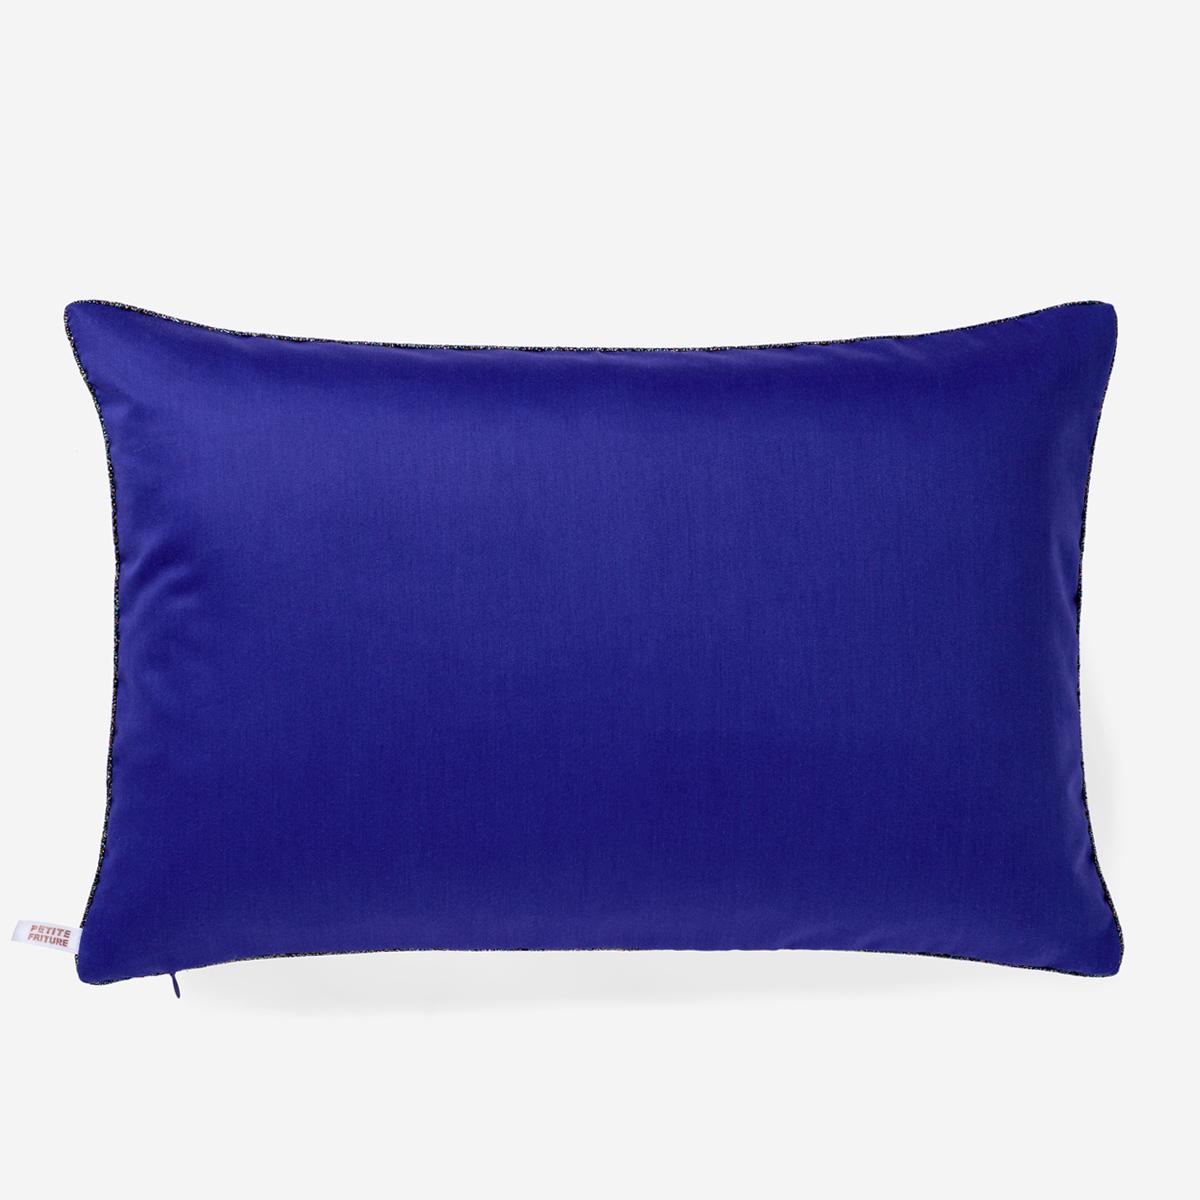 rikiki grafik produkt kissen jungle 40 60. Black Bedroom Furniture Sets. Home Design Ideas